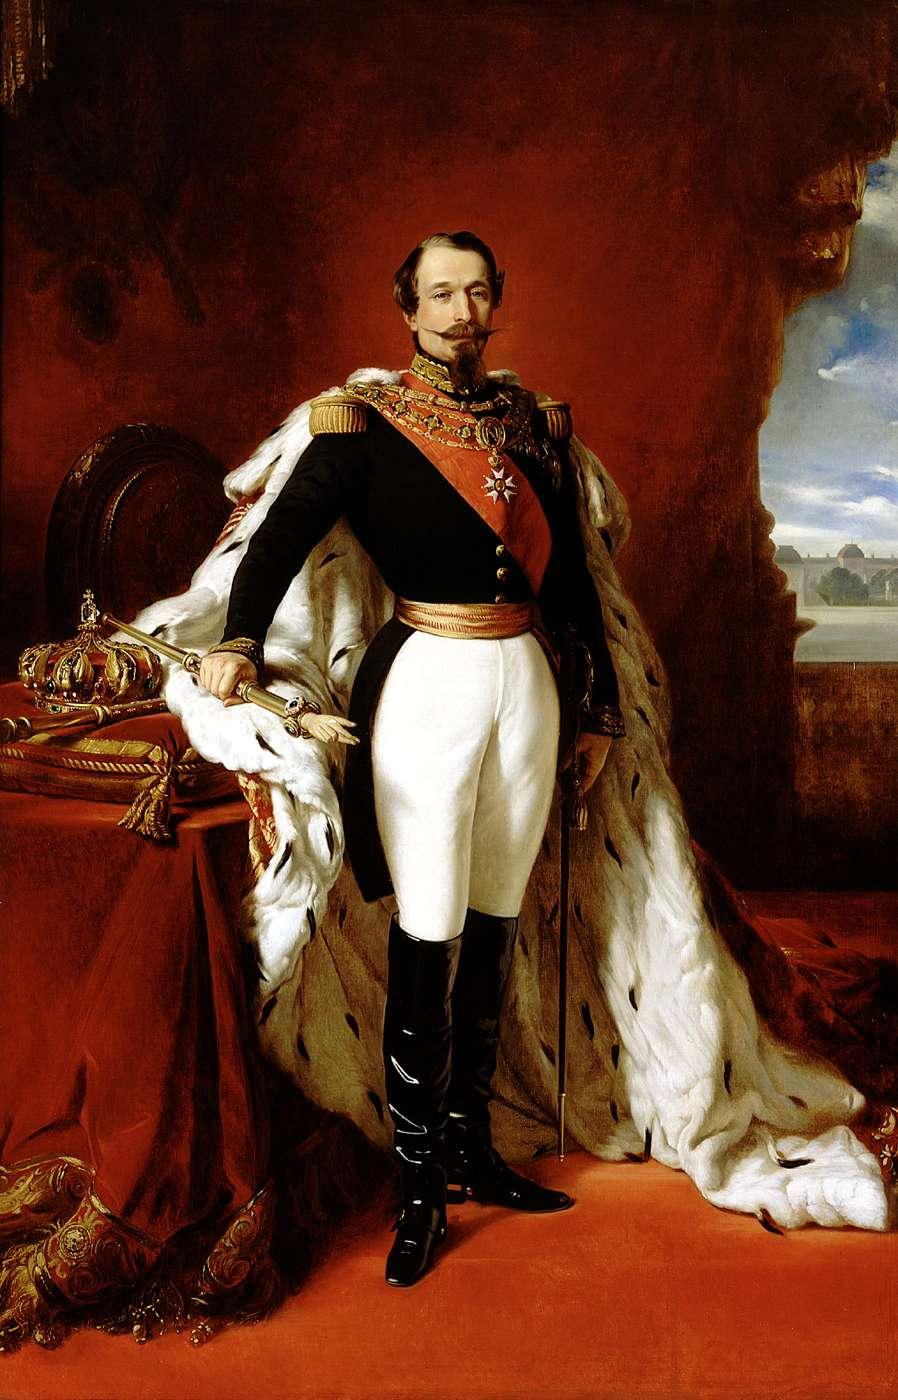 Napoléon III, Empereur des français, Winterhalter, XIX